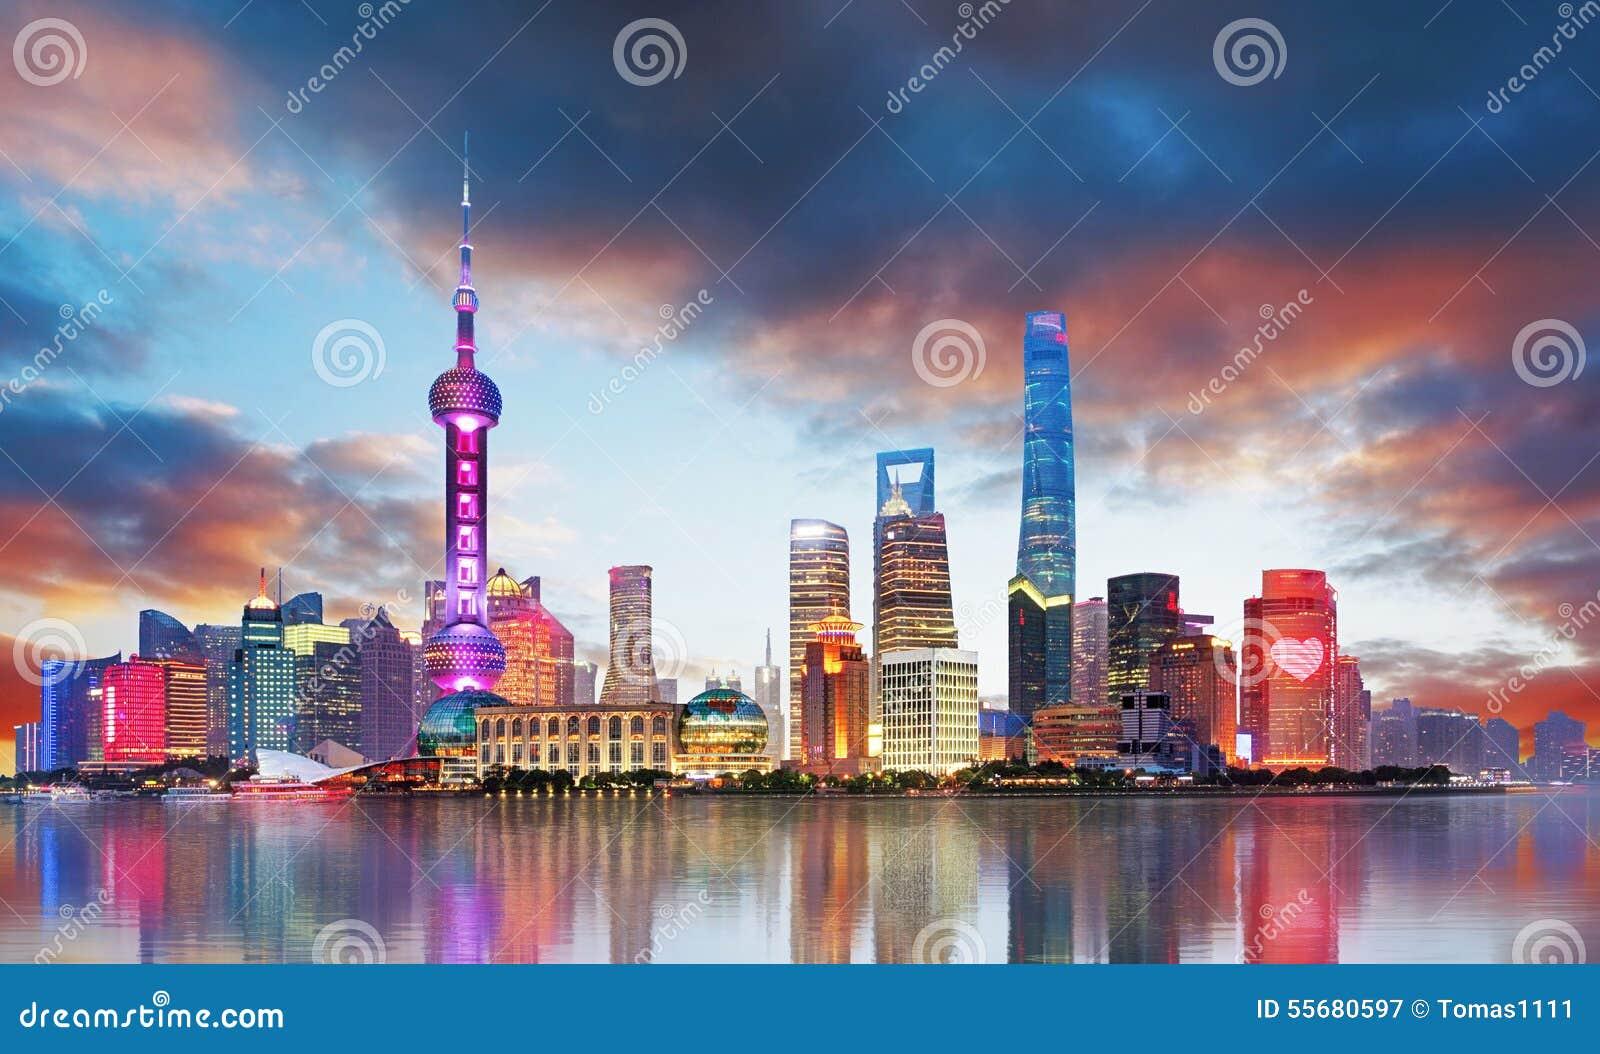 China - Shanghai skyline